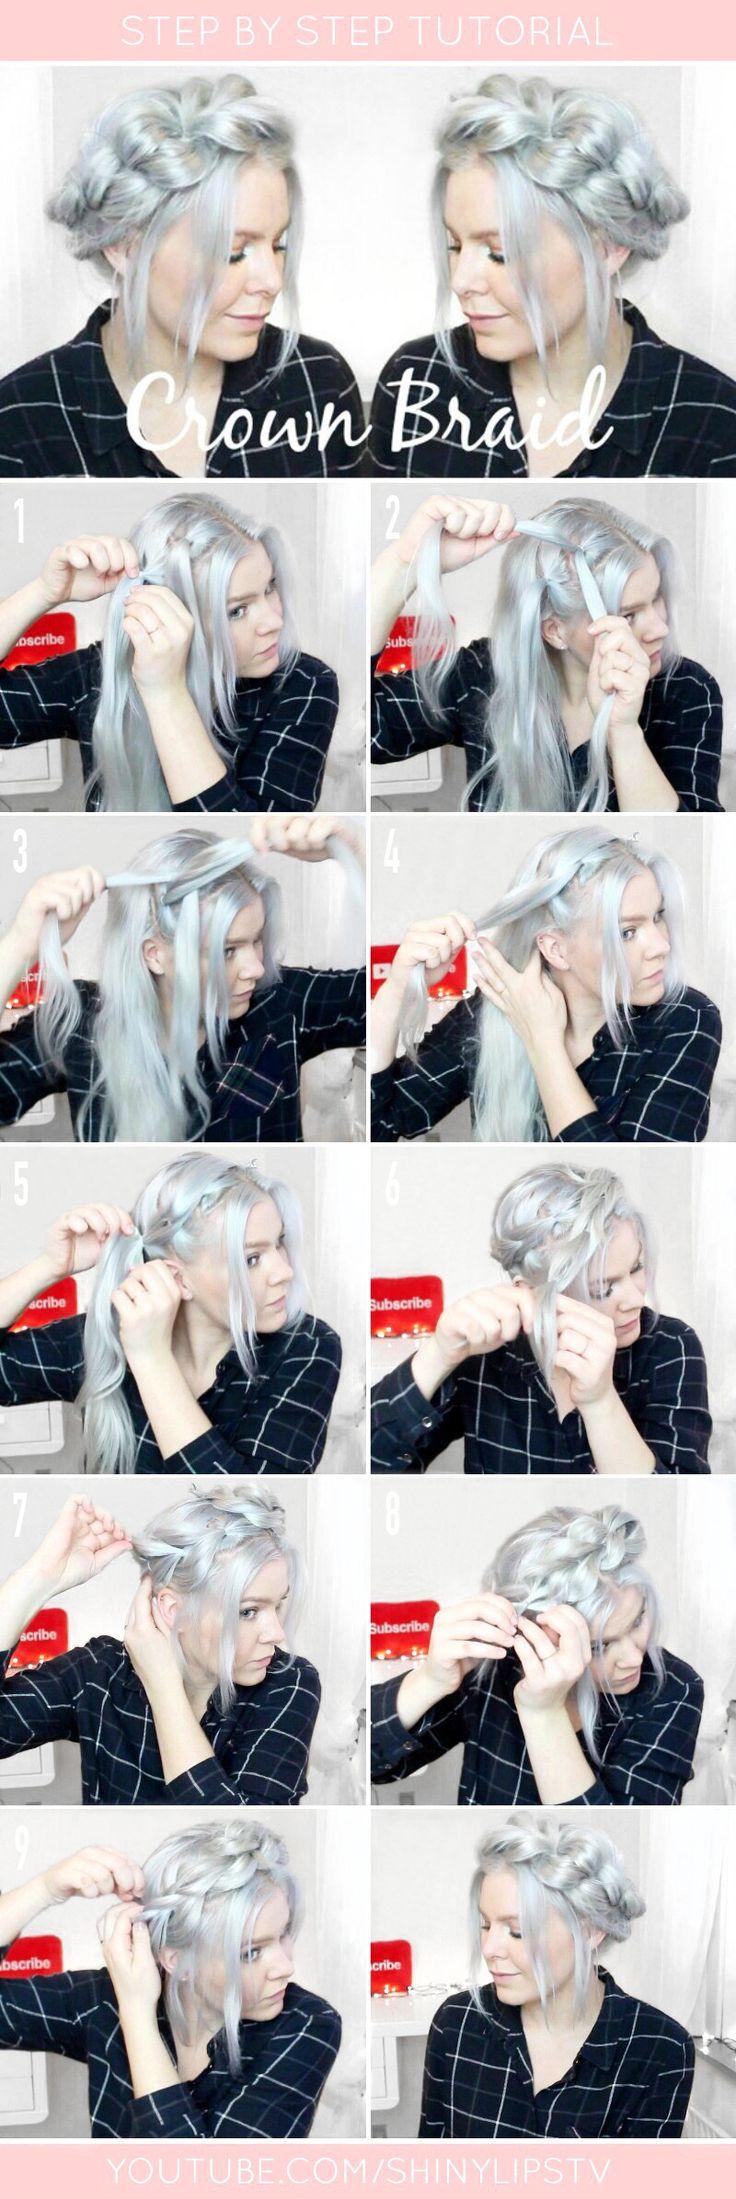 Pull through crown braid step by step #Hairstyles #Braid #Crownbraid #pullthroughbraid